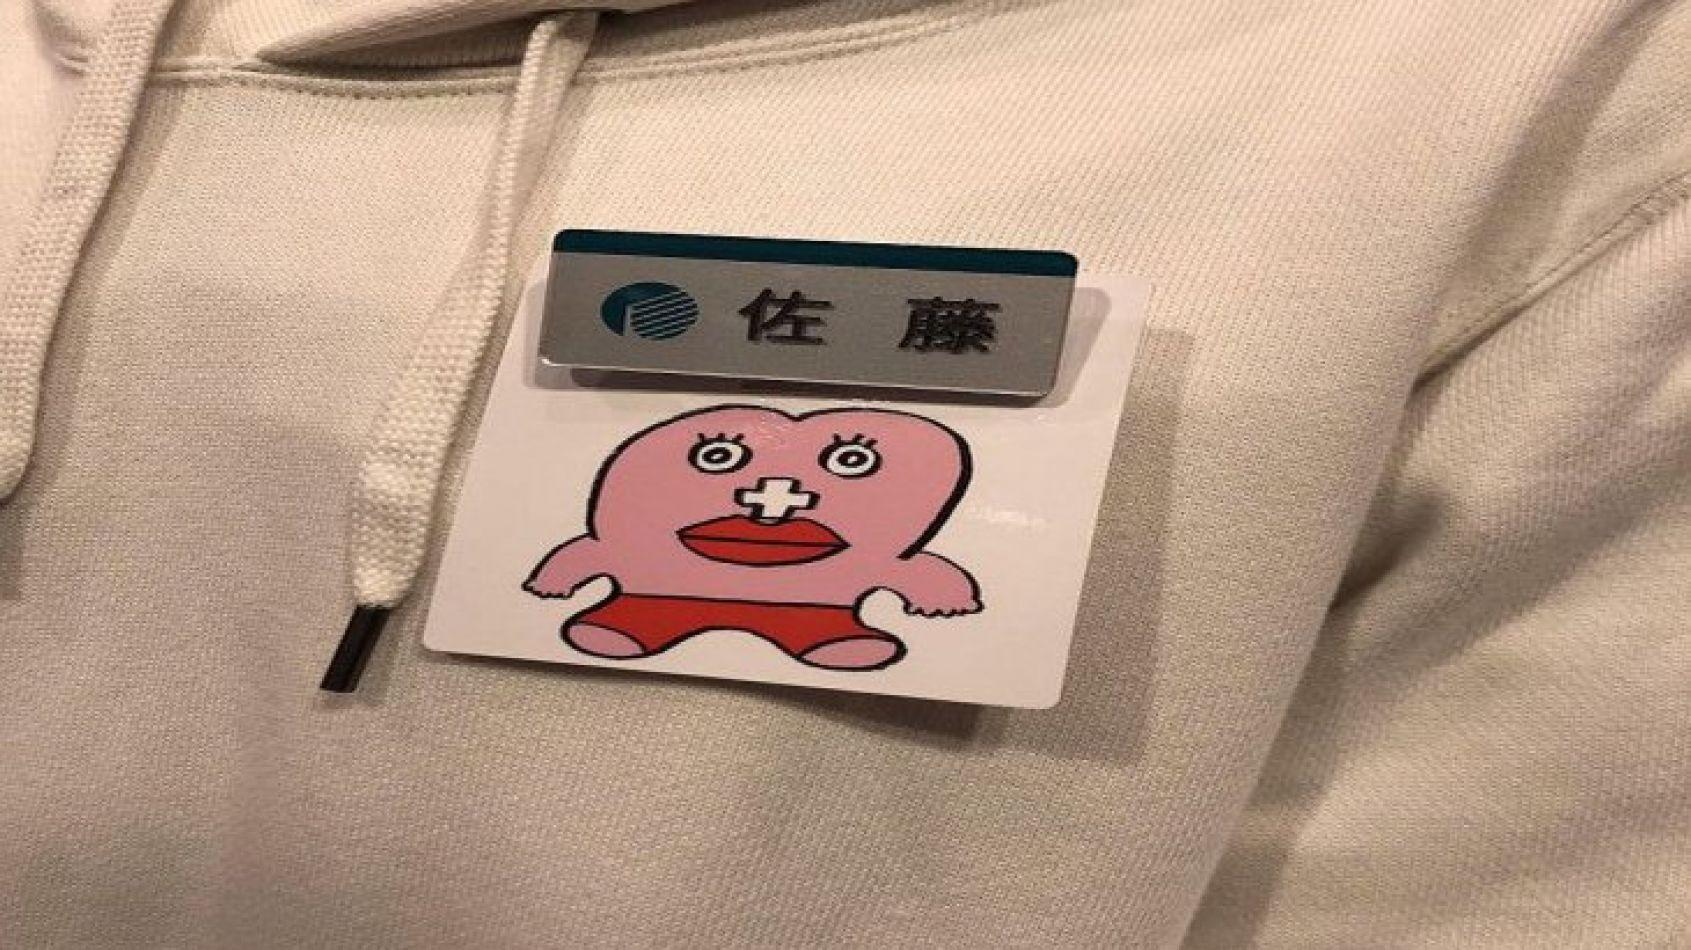 Las mujeres llevarían una insignia con un personaje de manga llamado Seiri Chan (Miss Período).